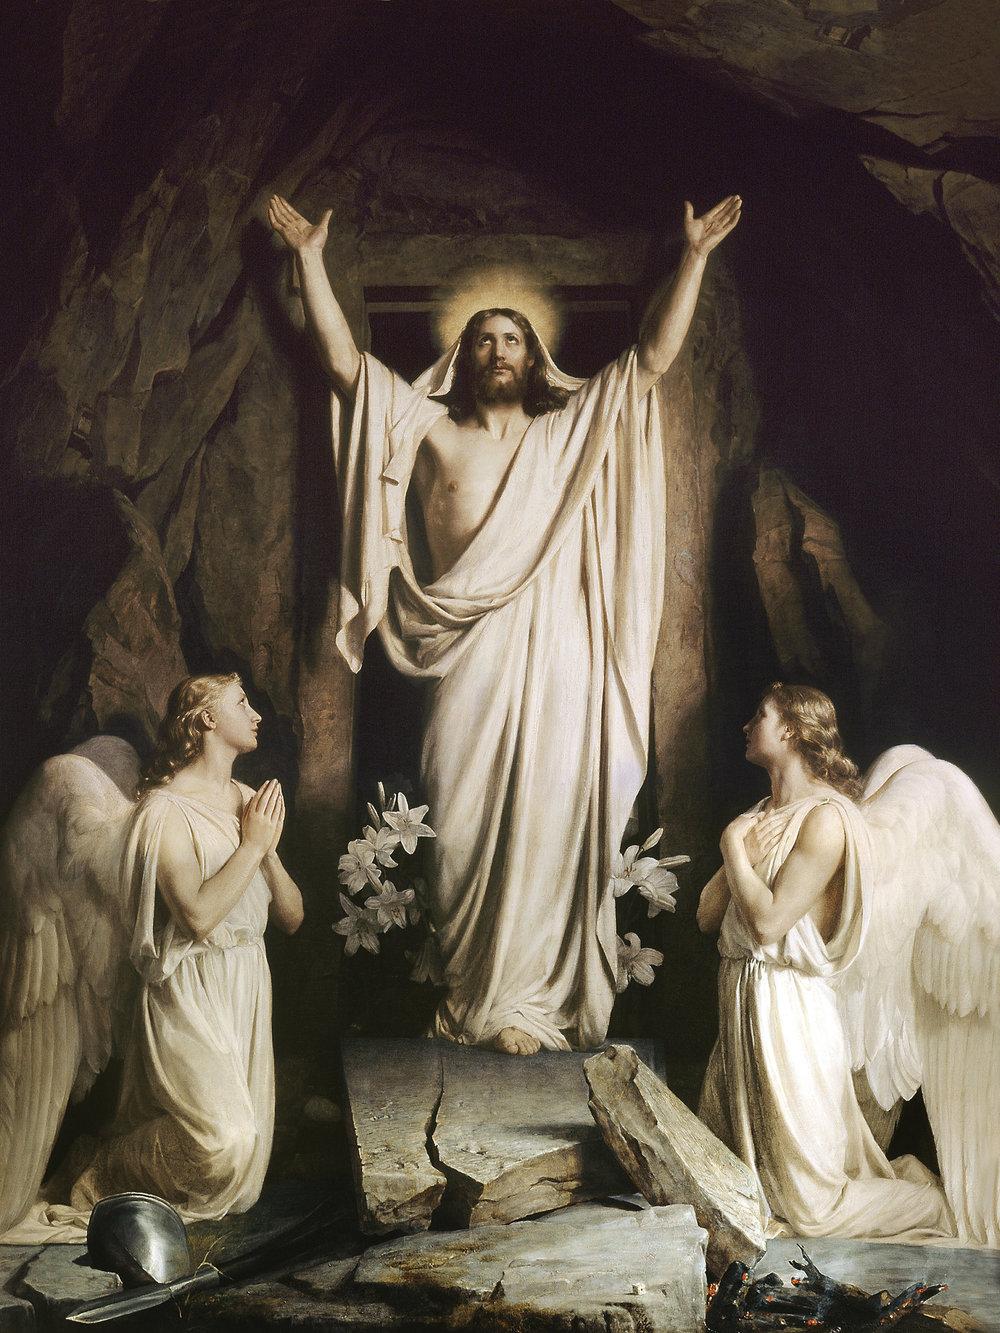 A fantasticaldepiction of Jesus' bodily resurrection.